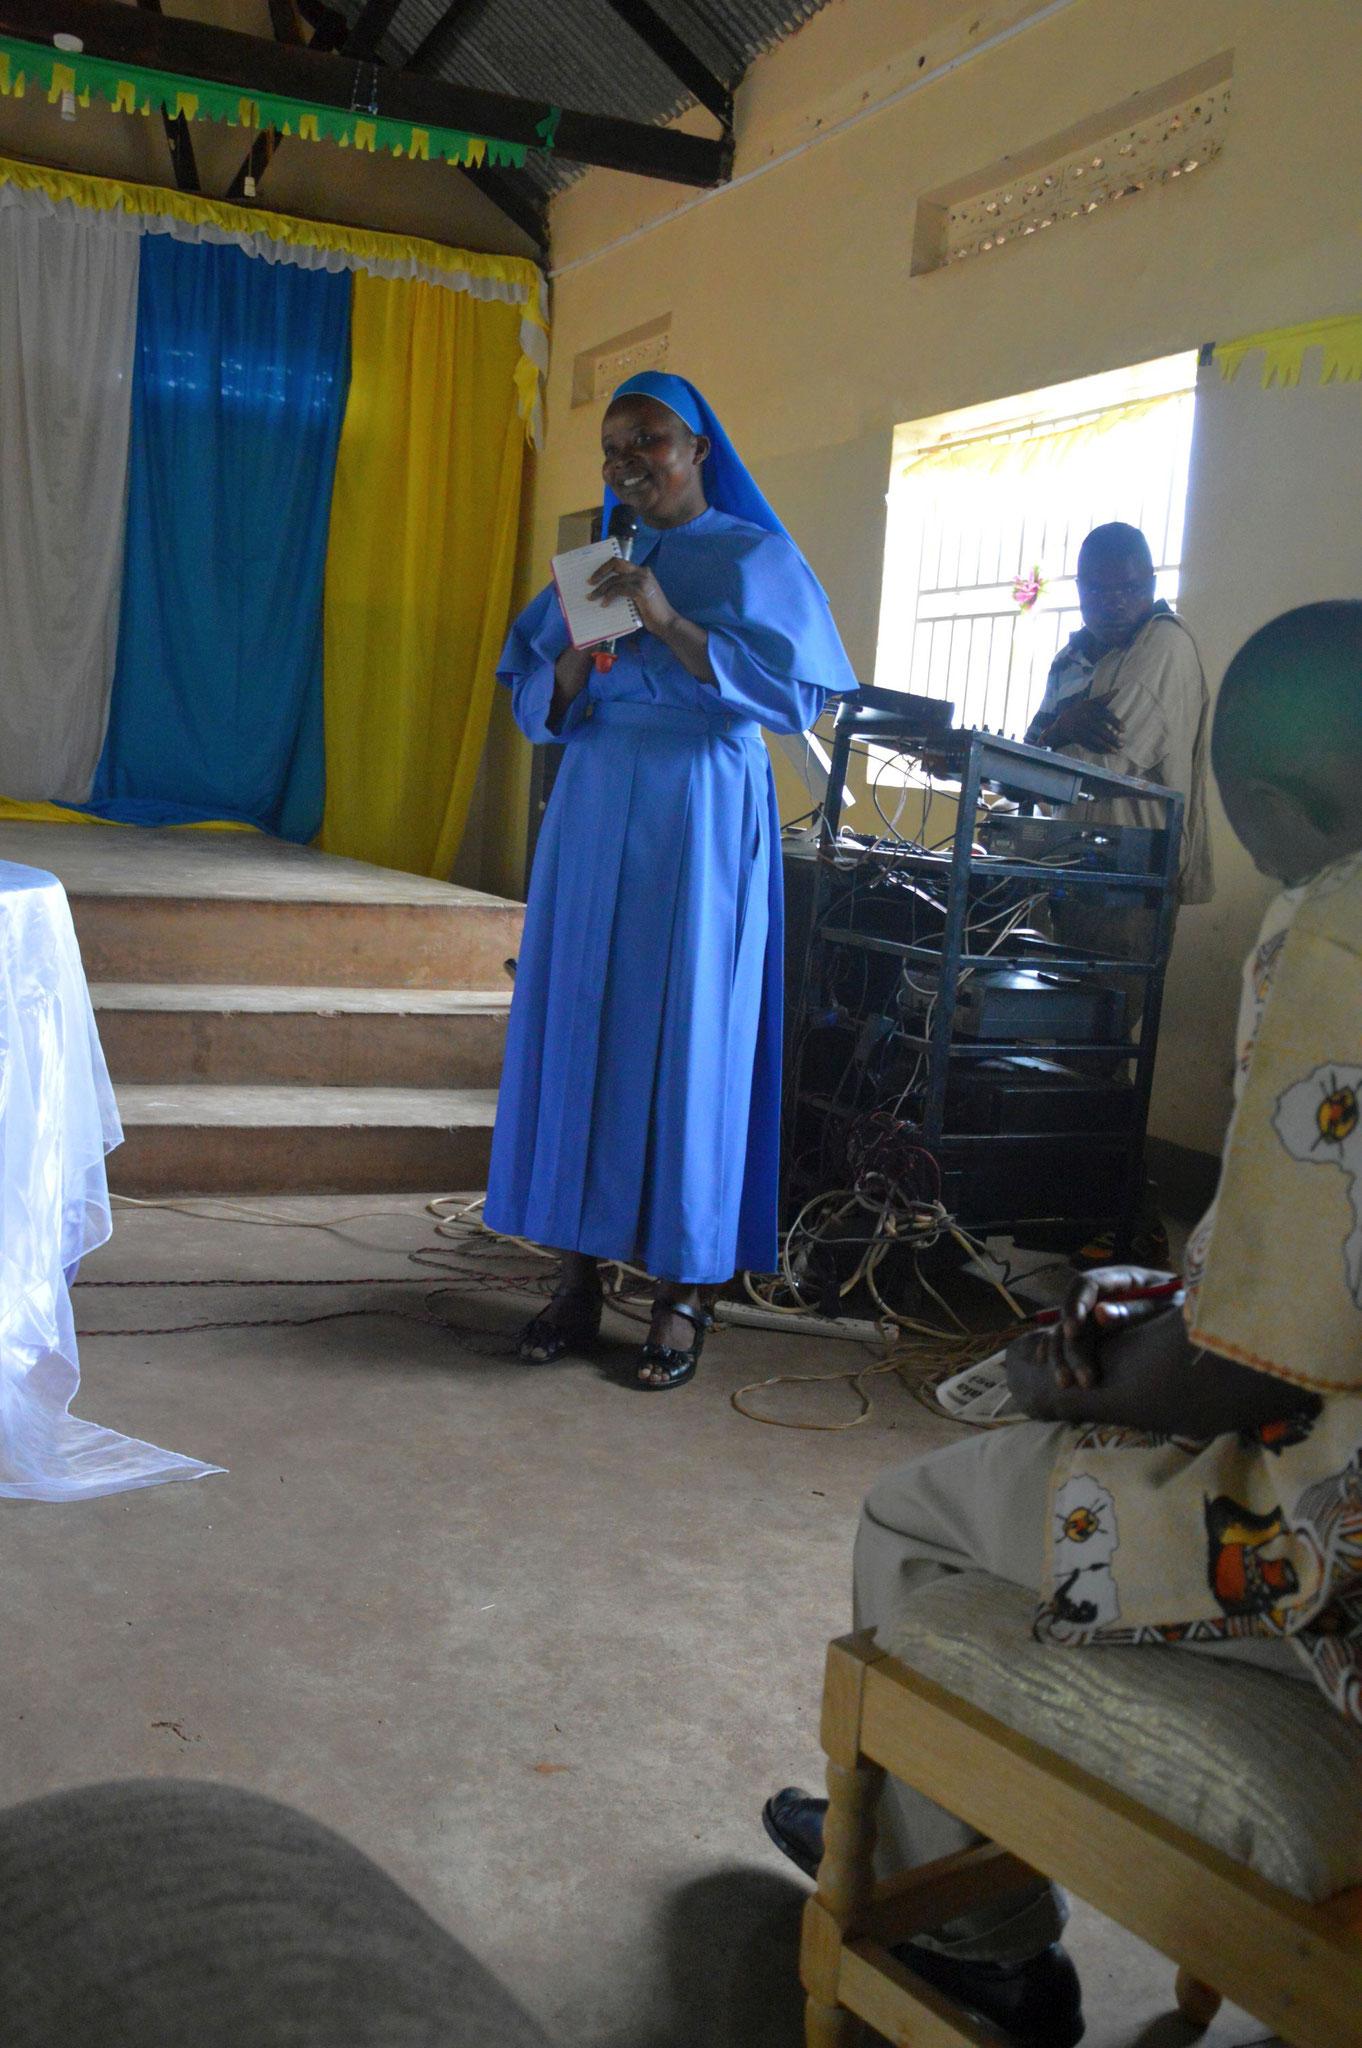 Die neue Schulleiterin Schwester Angela (frühere stellvertretende Schulleiterin) bedankt sich auch nochmal für die wundervolle Arbeit von Schwester Immy.